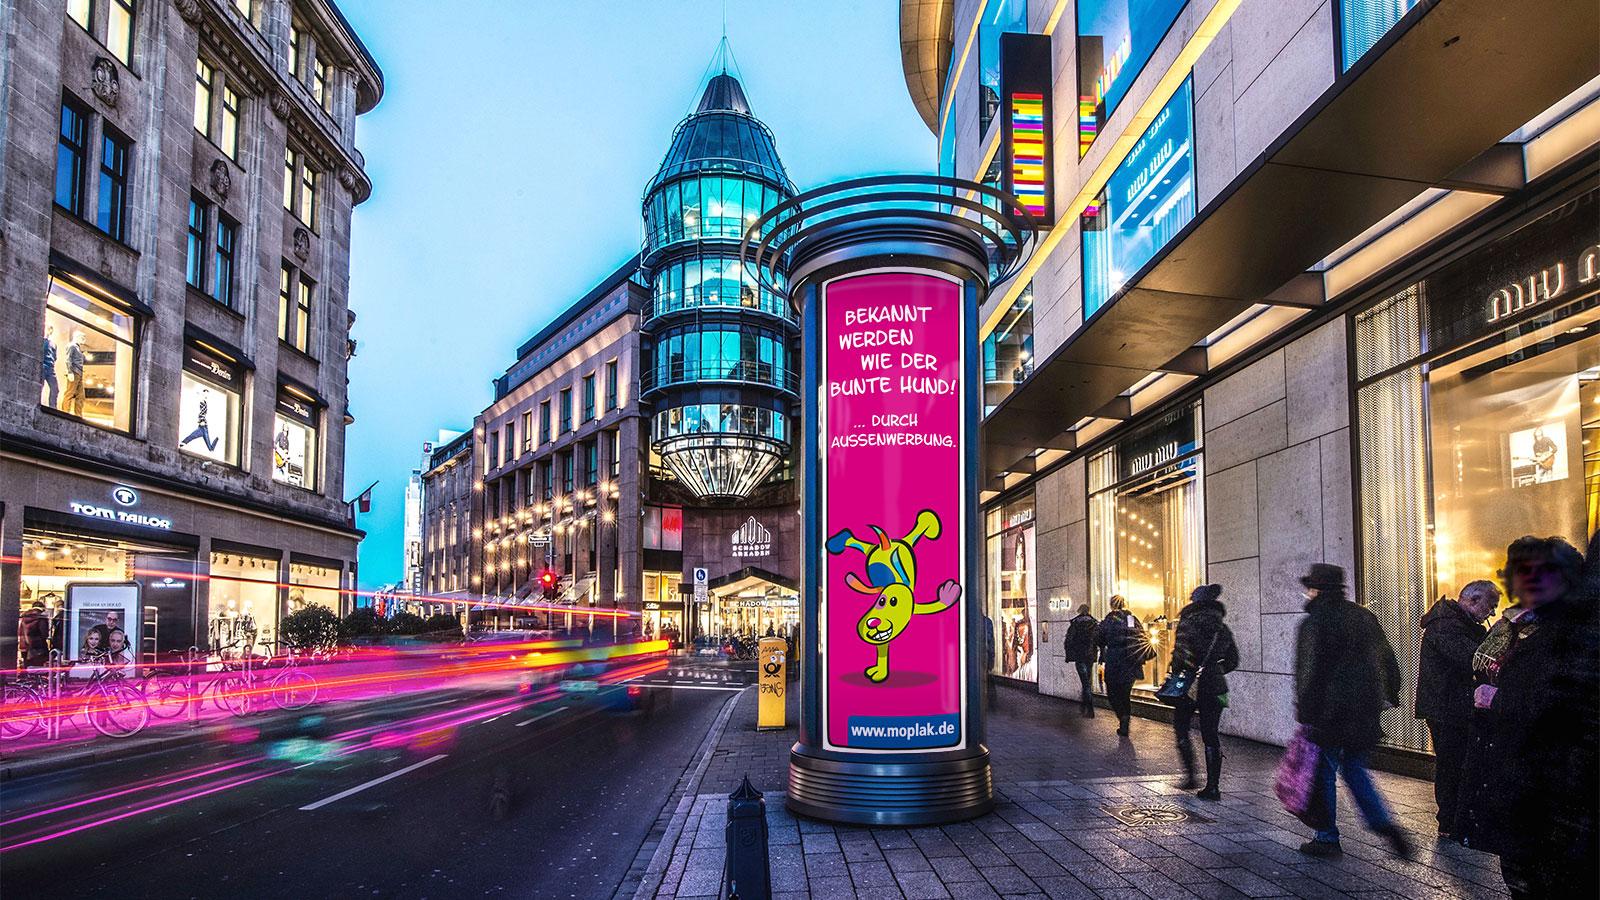 Stuttgart-Aussenwerbung-Litfasssaeule-Werbung